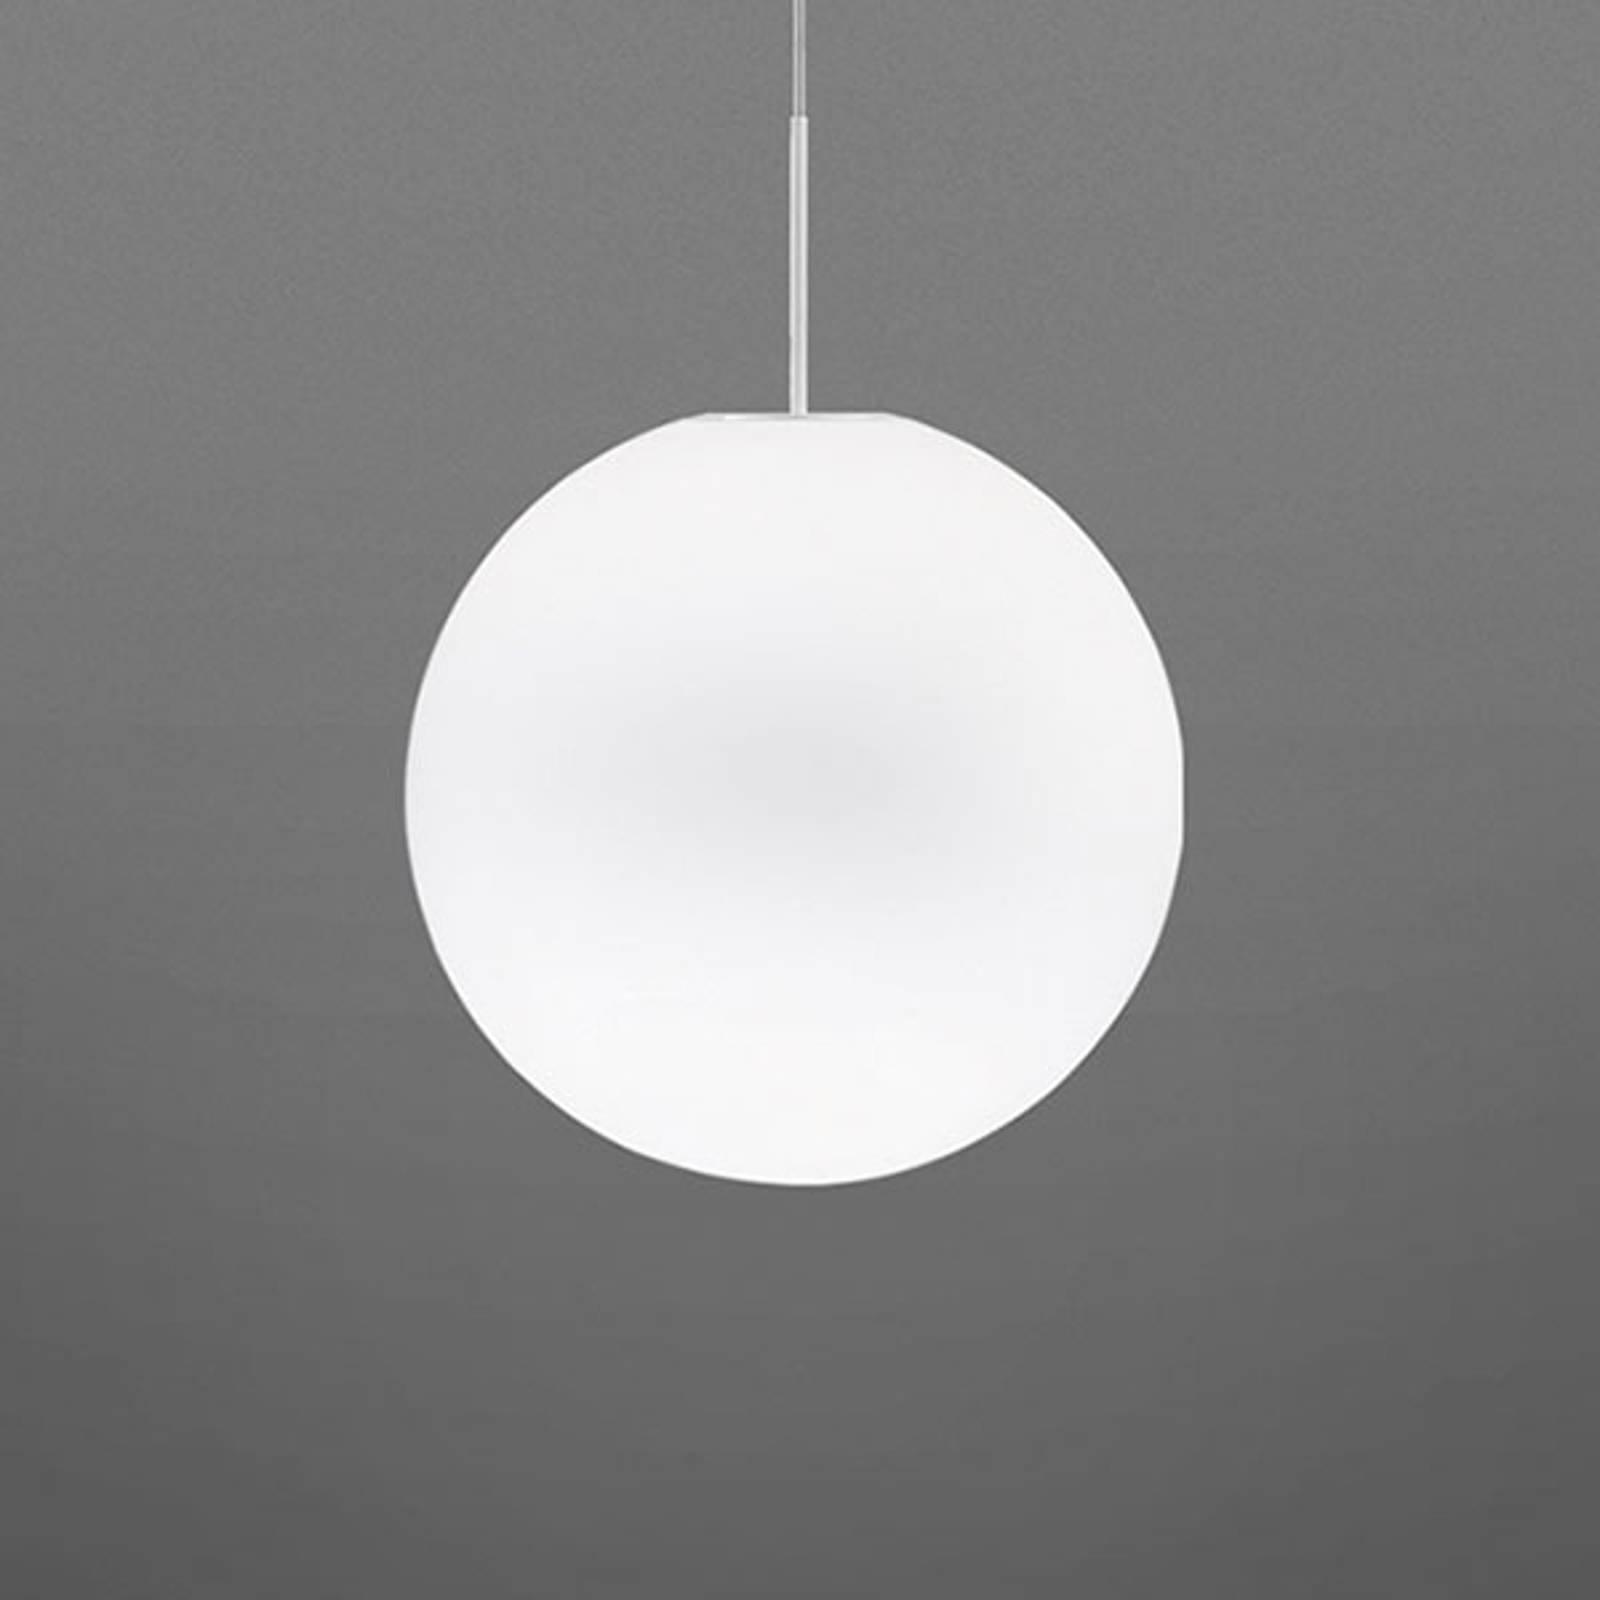 Fabbian Fabbian Lumi Sfera sklenená závesná lampa, Ø 20cm